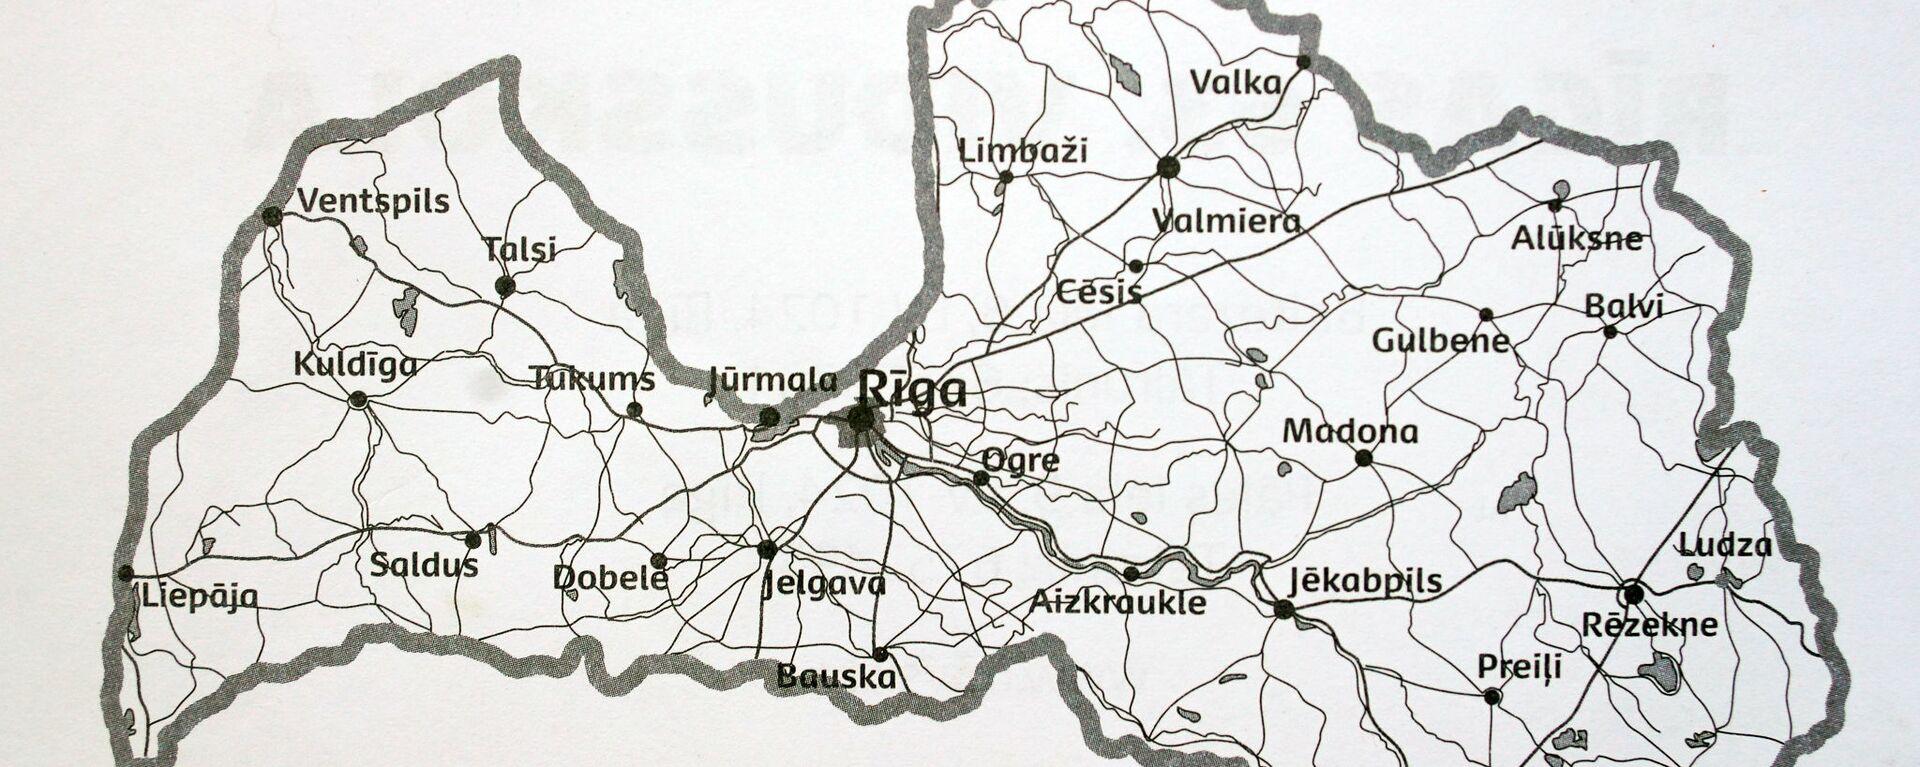 Карта Латвии - Sputnik Латвия, 1920, 01.07.2021